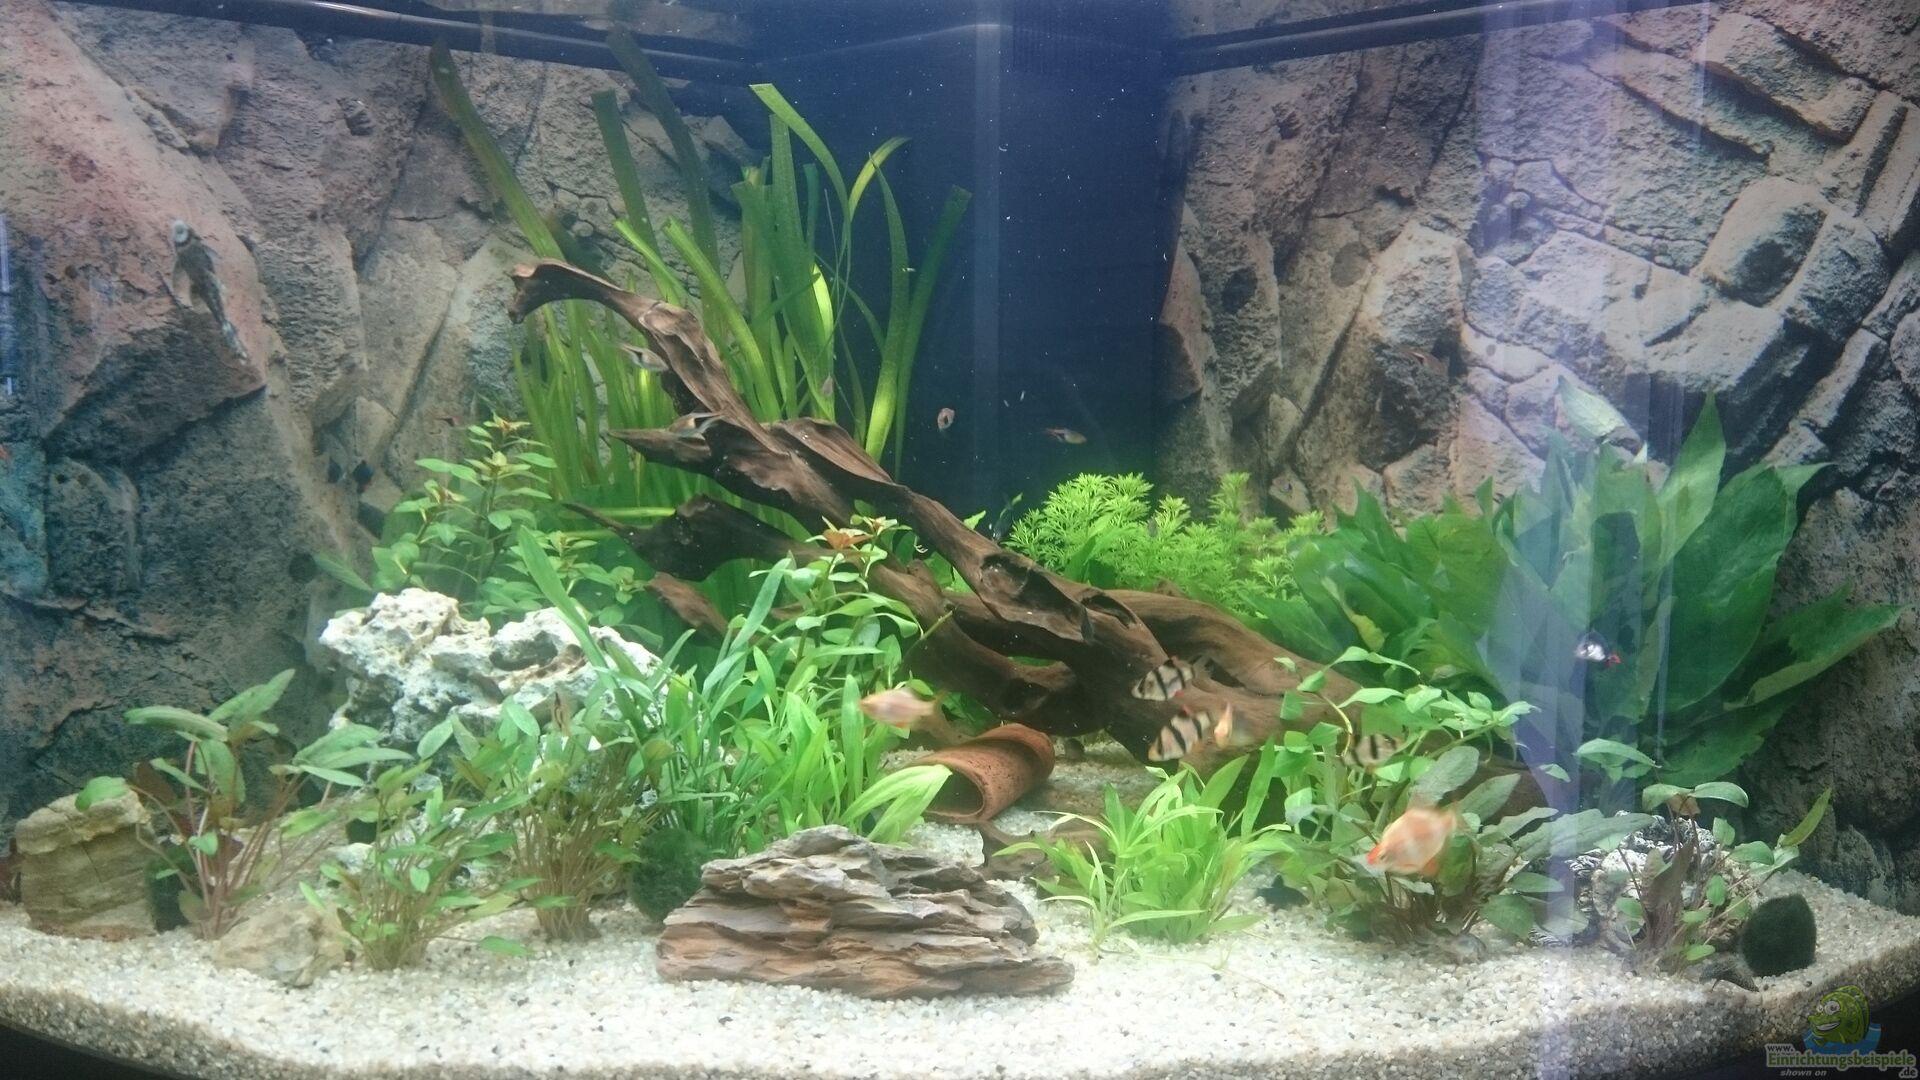 Pflanzen im aquarium juwel trigon 350 wohnzimmer aus juwel for Pflanzen im wohnzimmer